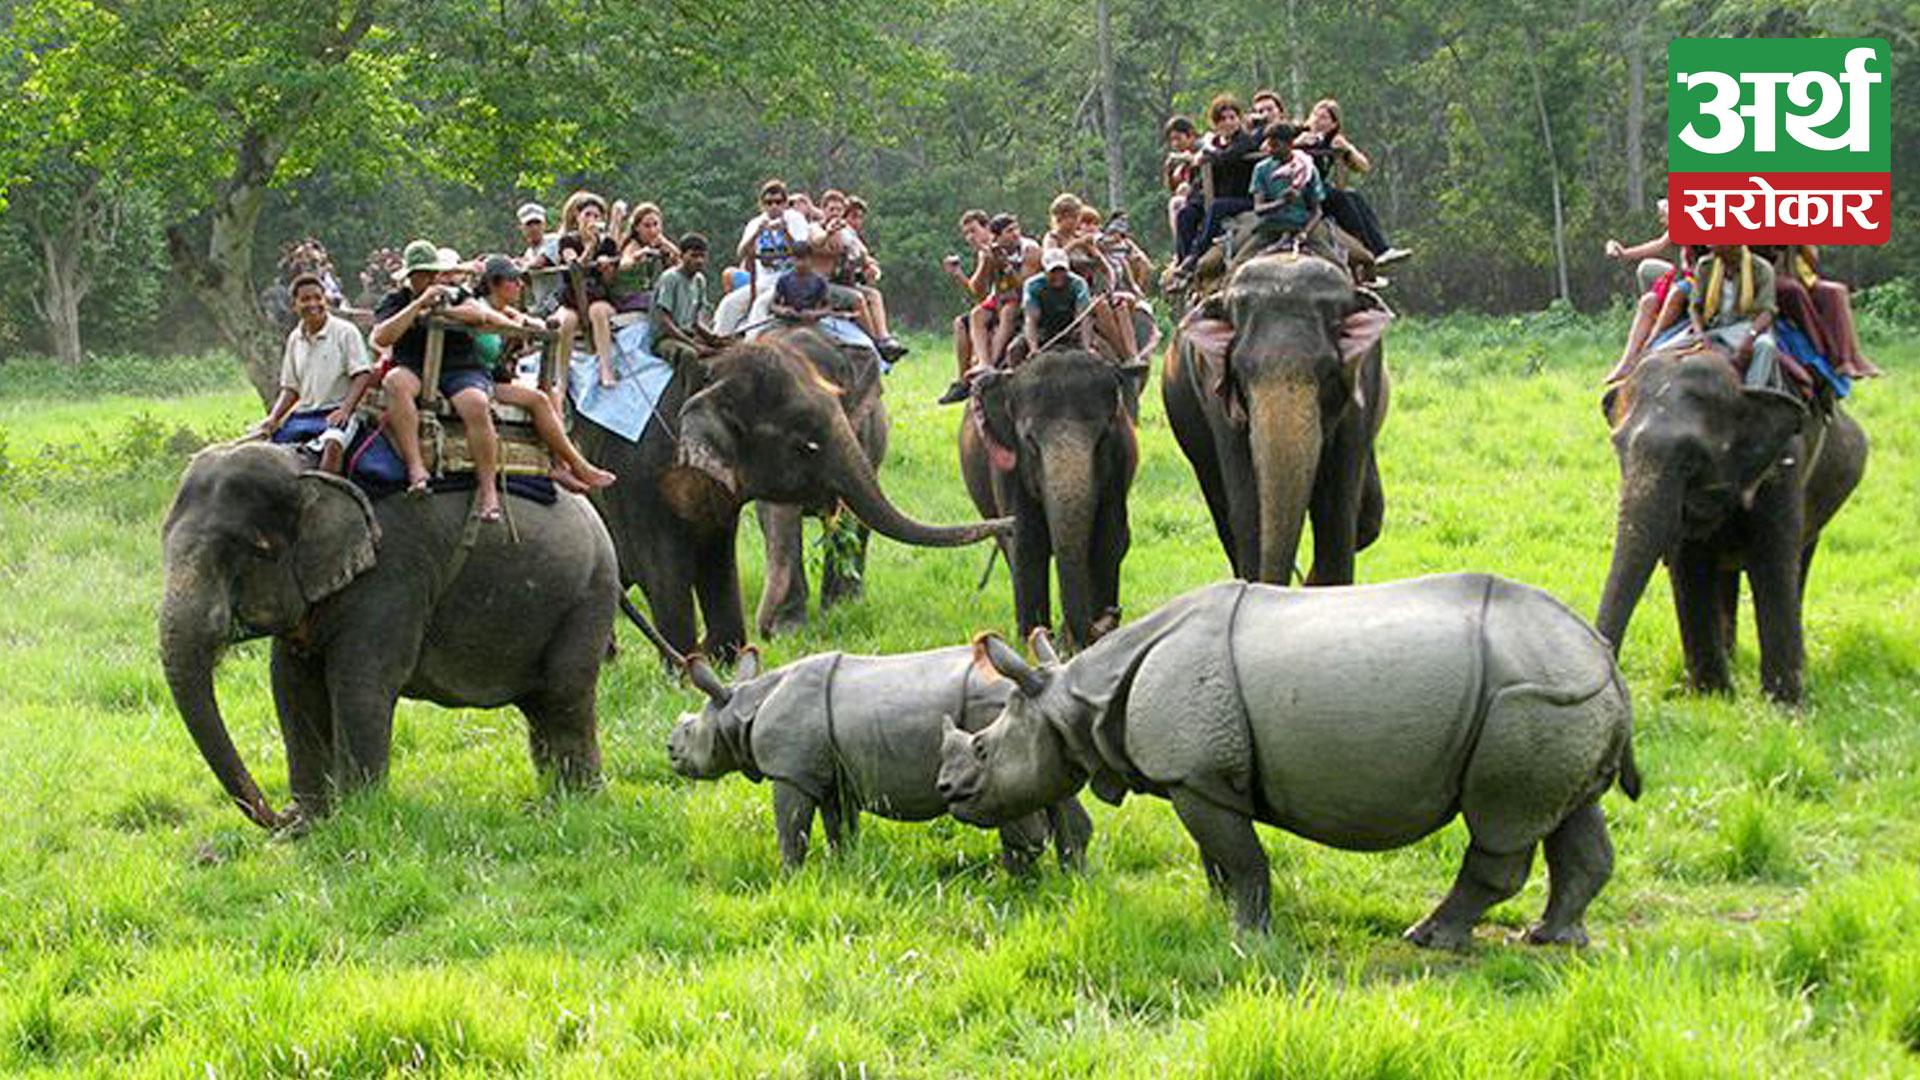 Tourism activities open in Chitwan National Park